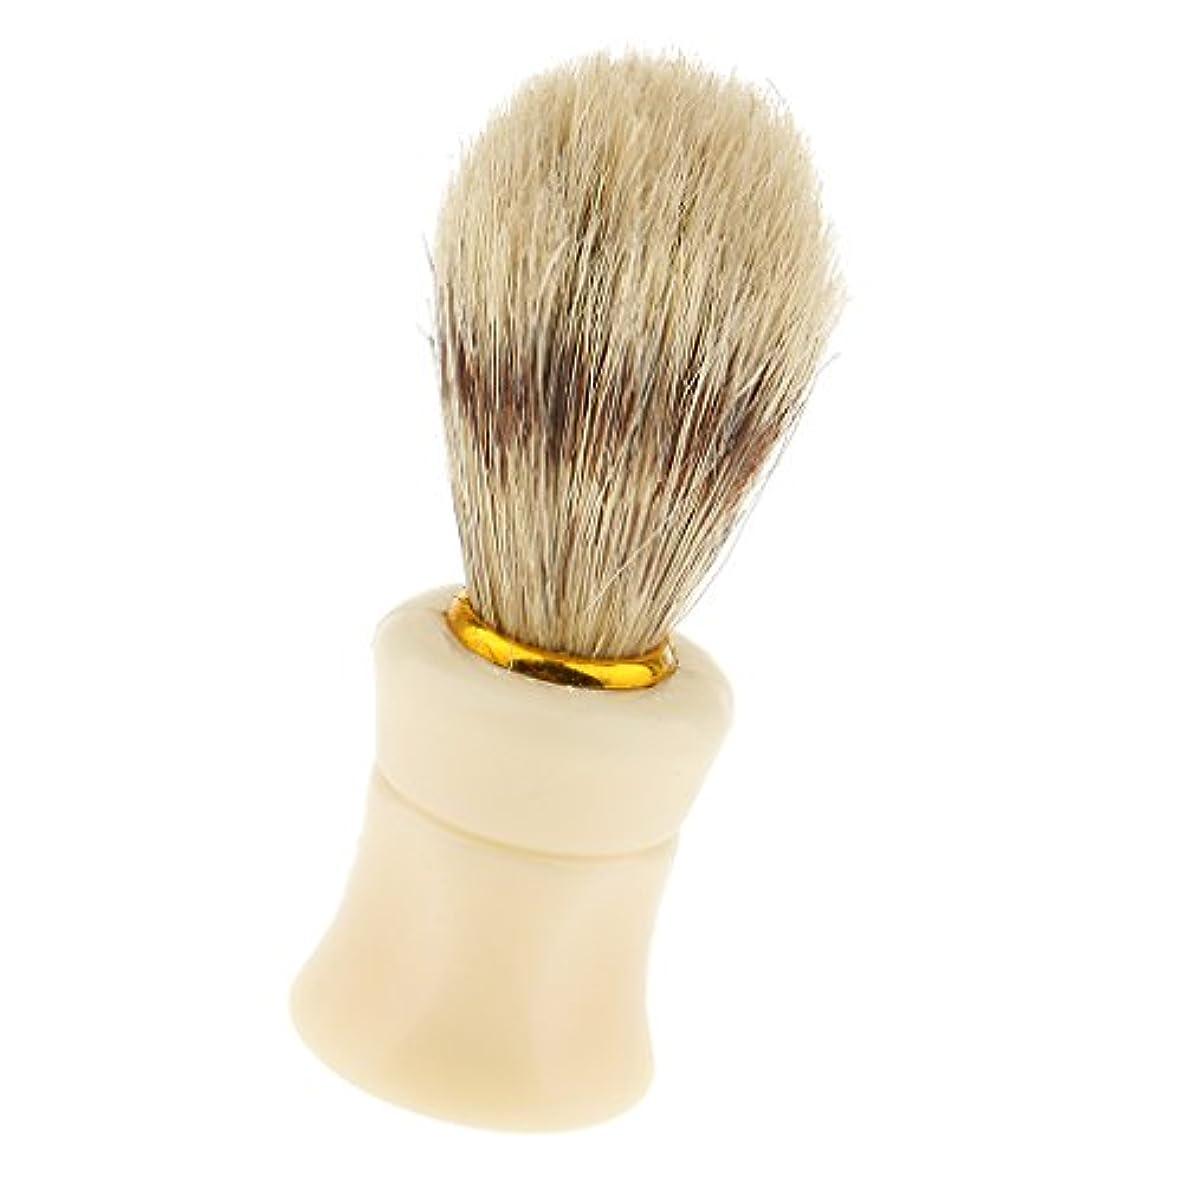 エンコミウム専門用語瞑想的dailymall 男性ひげ剃りひげ顔洗顔良いグルーミングブラシ、サロン理髪理髪ツール、父の贈り物